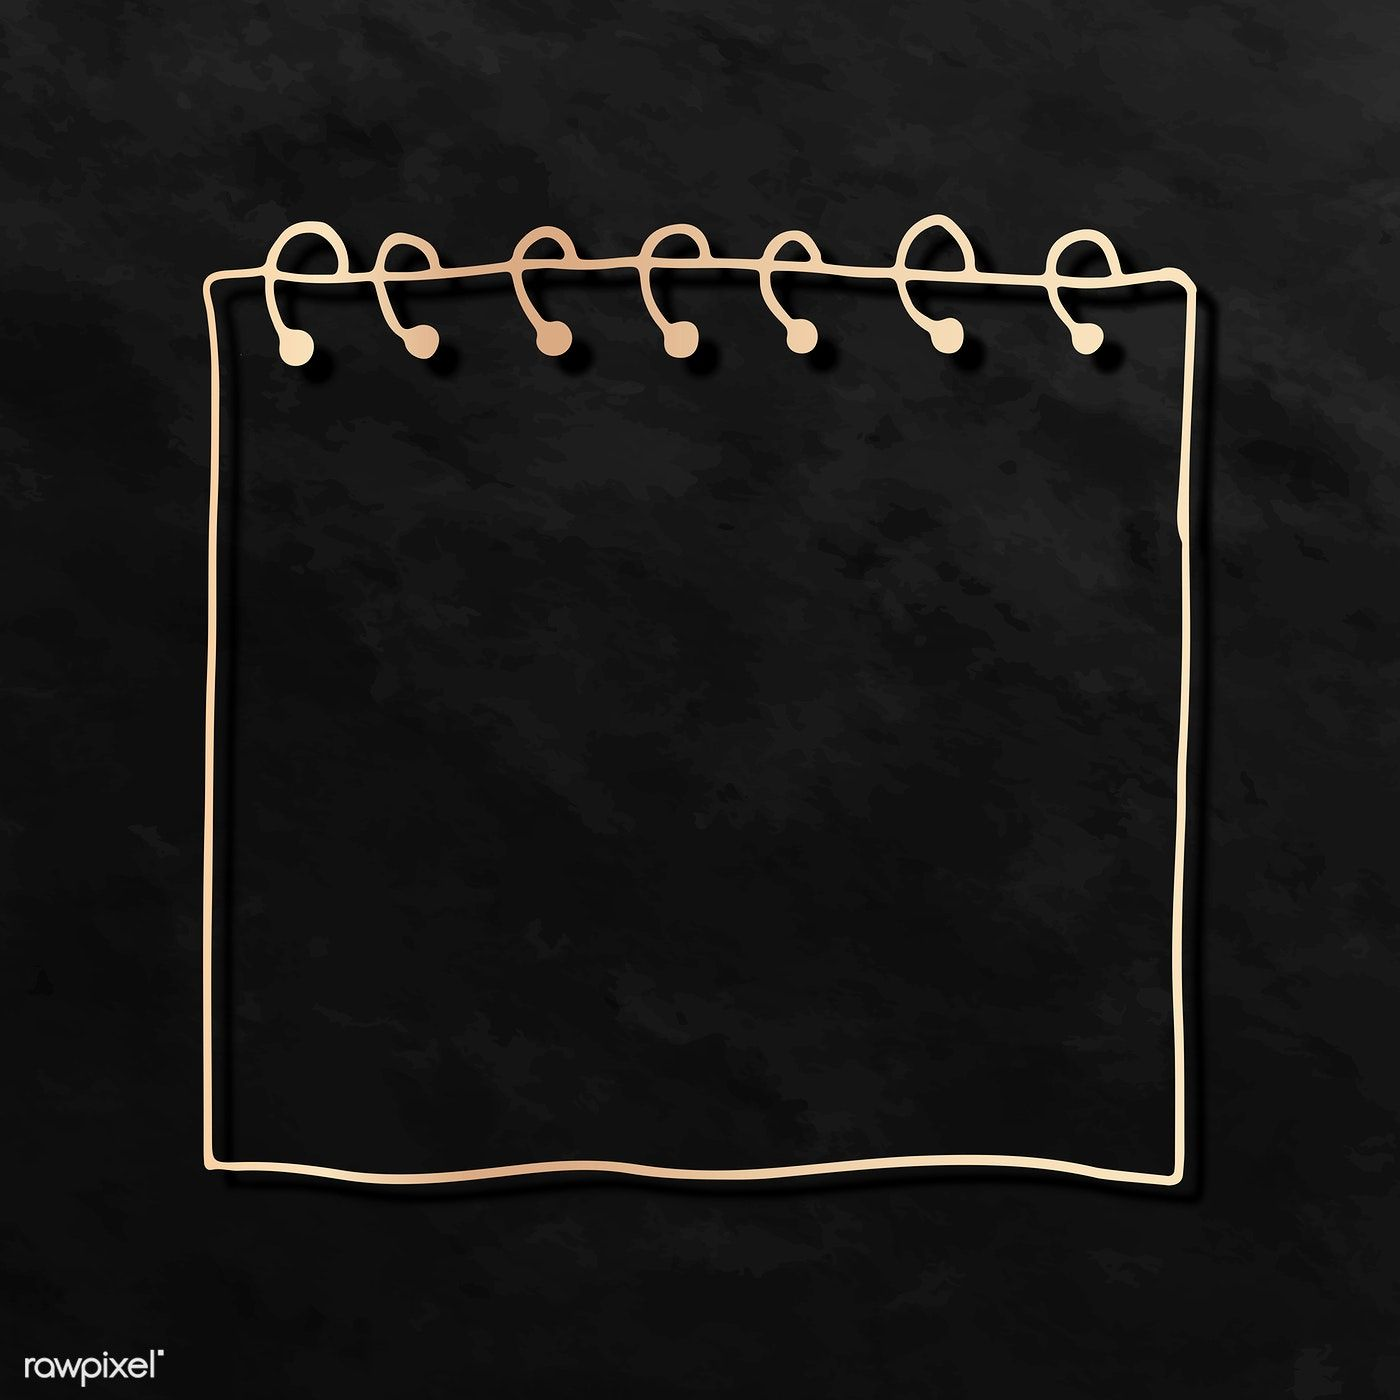 Download Premium Illustration Of Blank Reminder Paper Note Mockup 2100734 In 2020 Note Paper Doodle Frame Instagram Frame Template